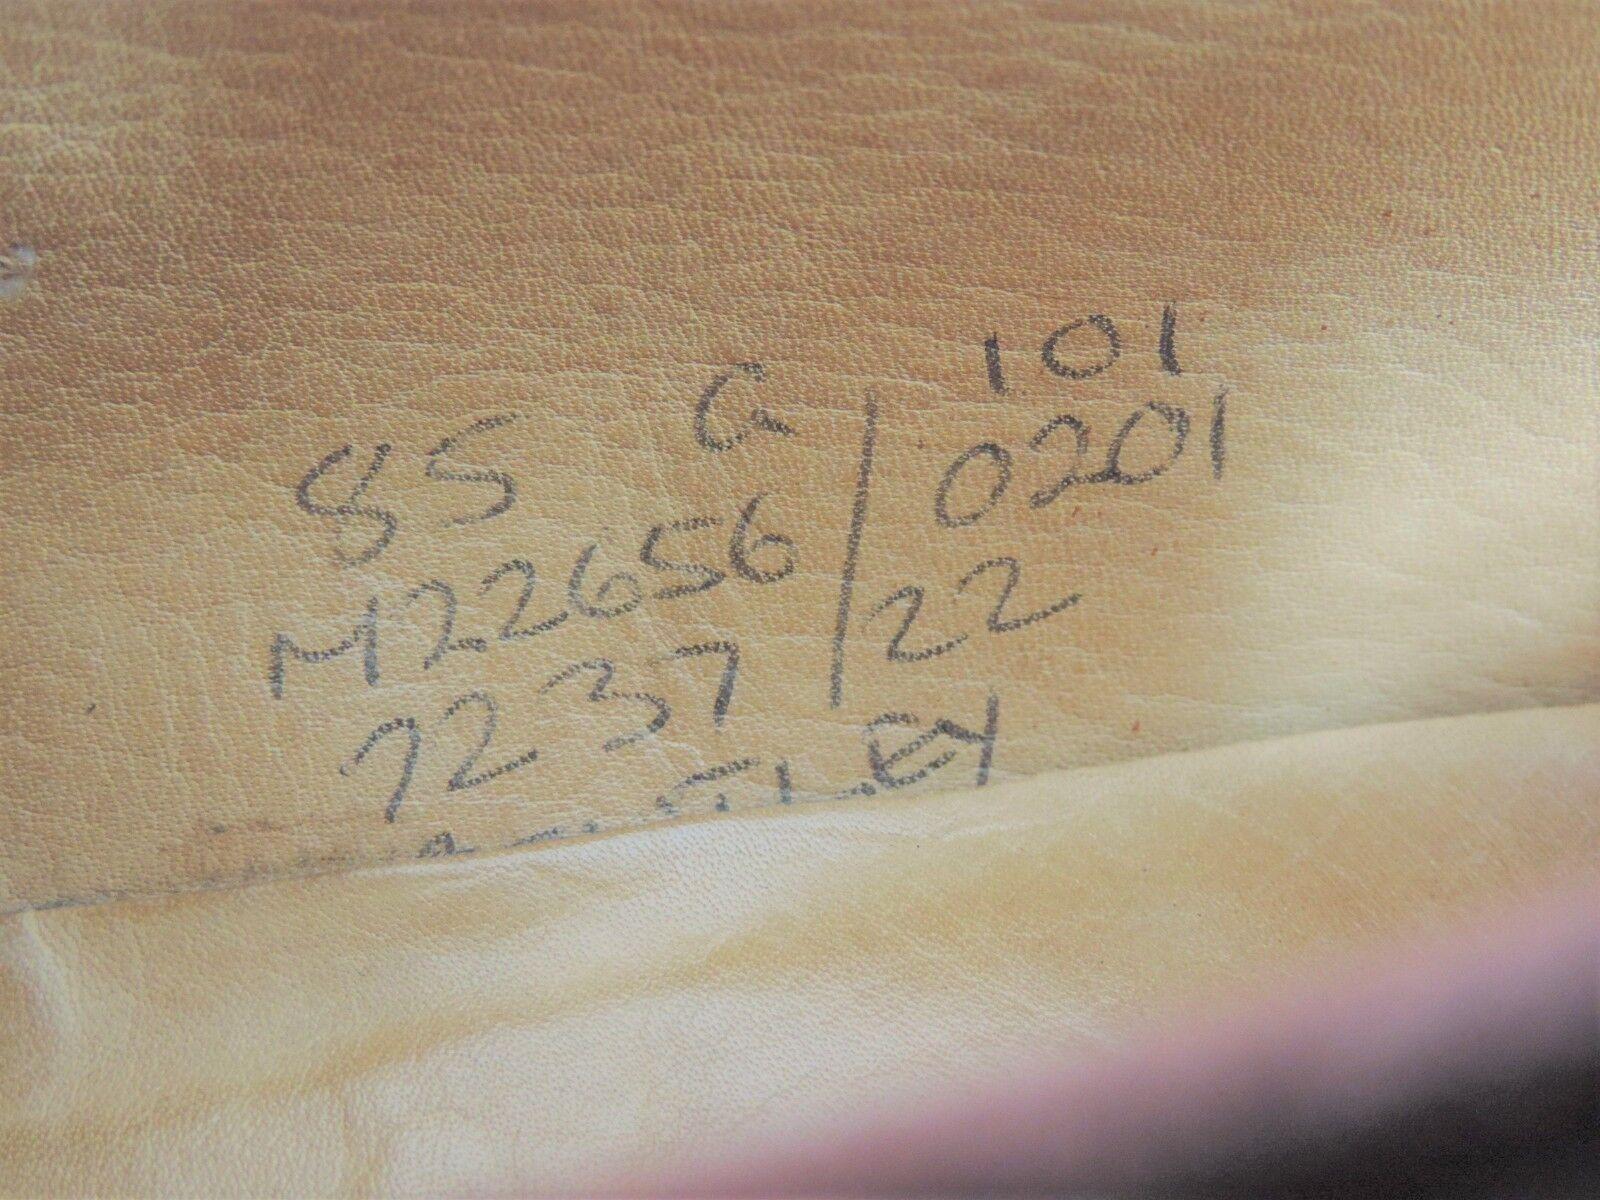 Church's Veloursleder Pennyloafer UK 8.5 G Breit Breit Breit Us 9,5 Eu 42,5 Grade Minor Use 8831b3